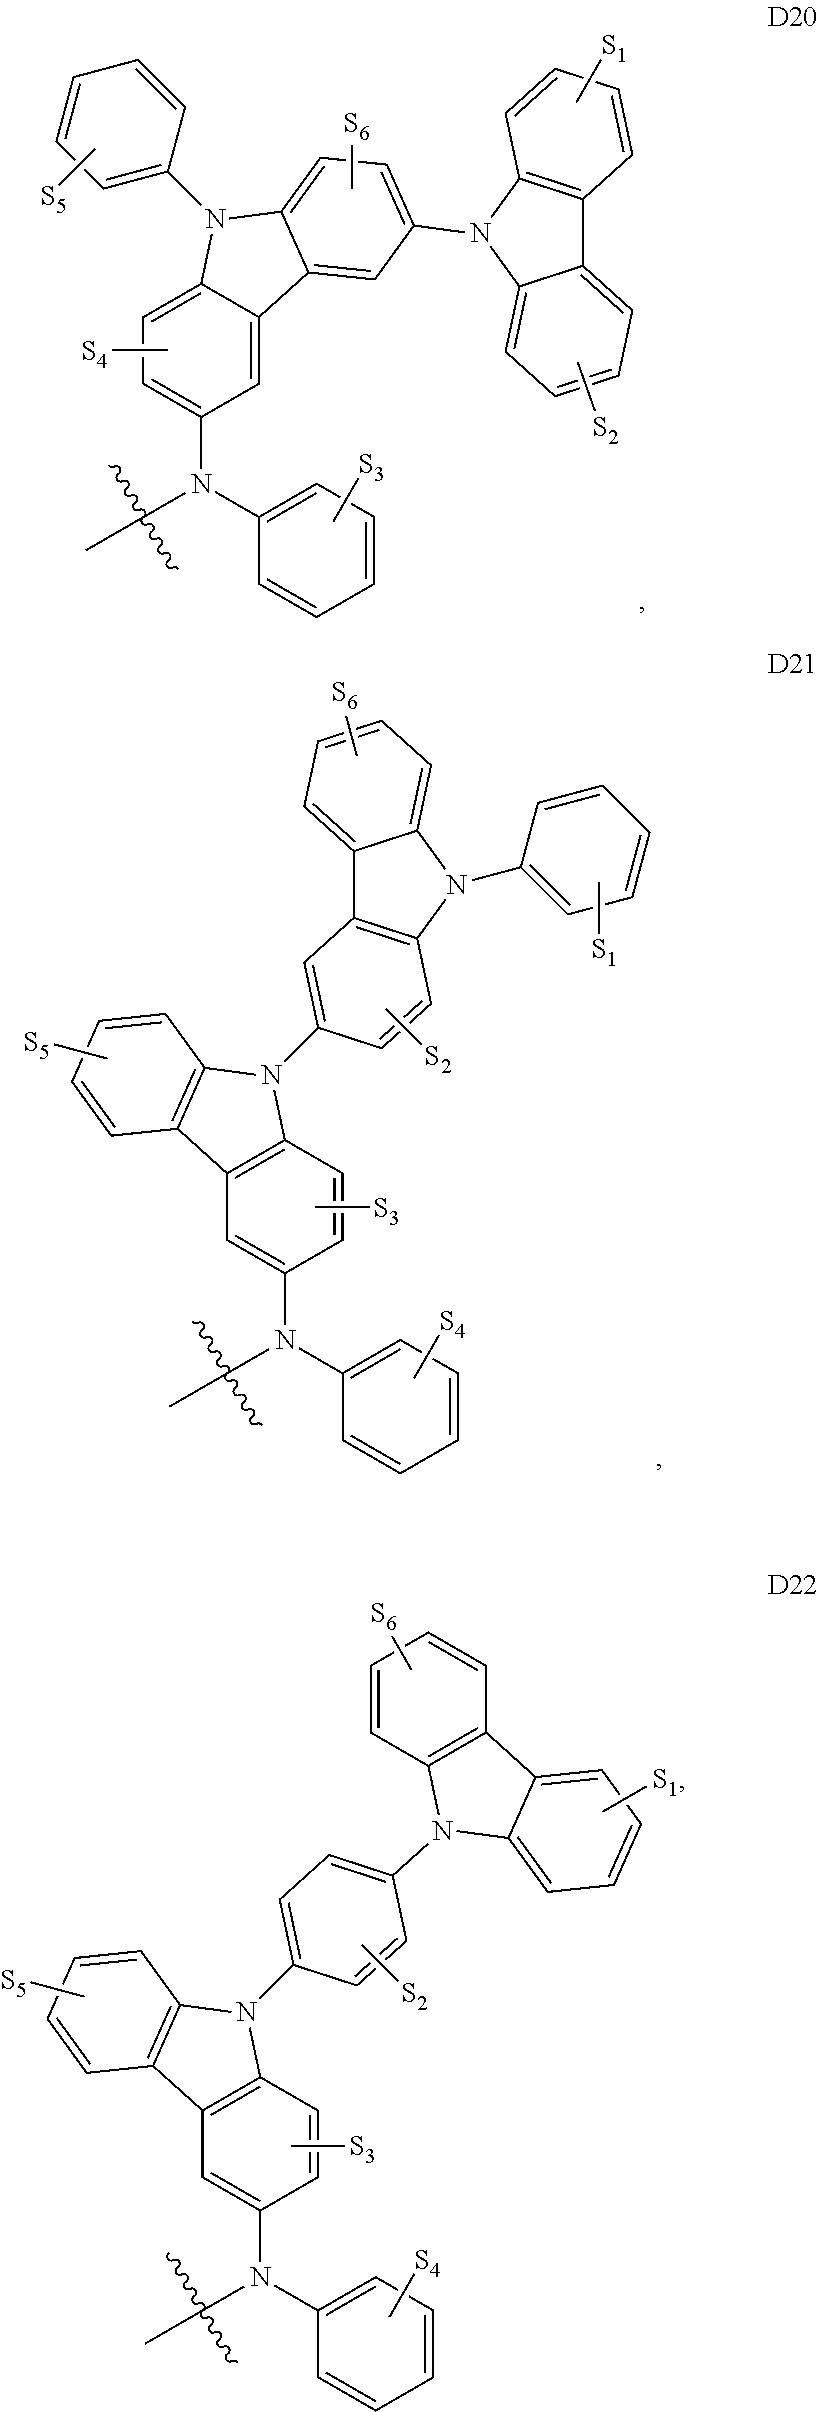 Figure US09324949-20160426-C00009